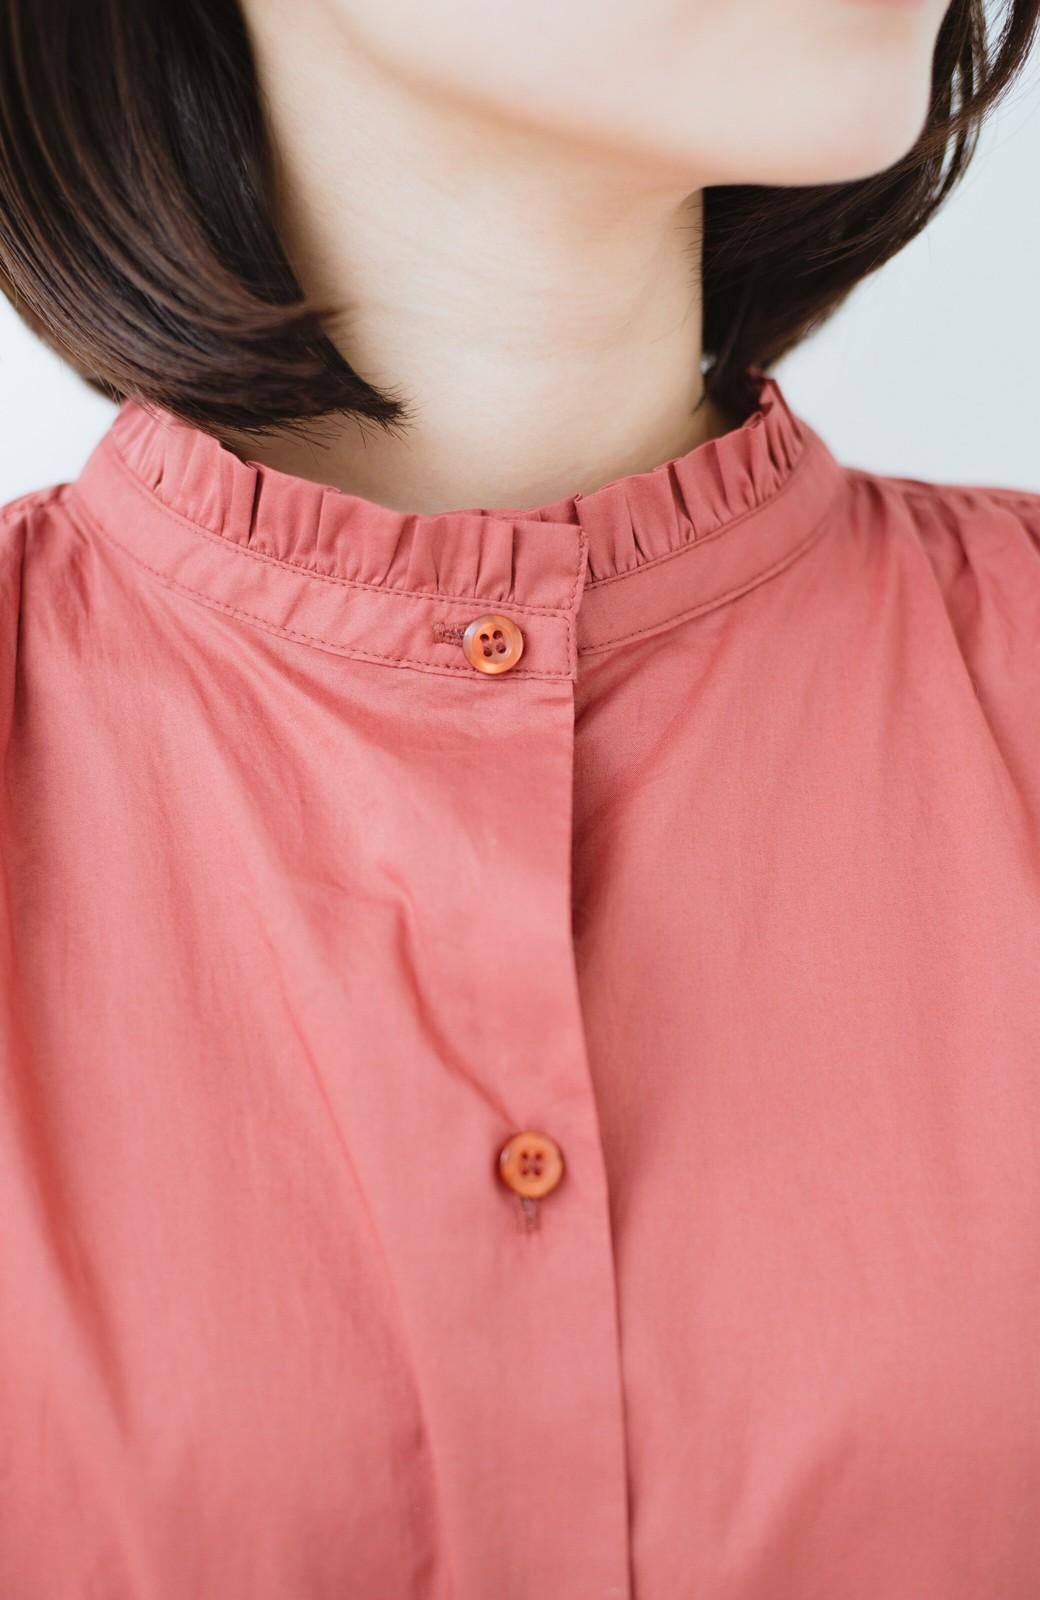 haco! 羽織りにもなって着回しのきくサッシュベルト付きシャツワンピース <ピンク>の商品写真3